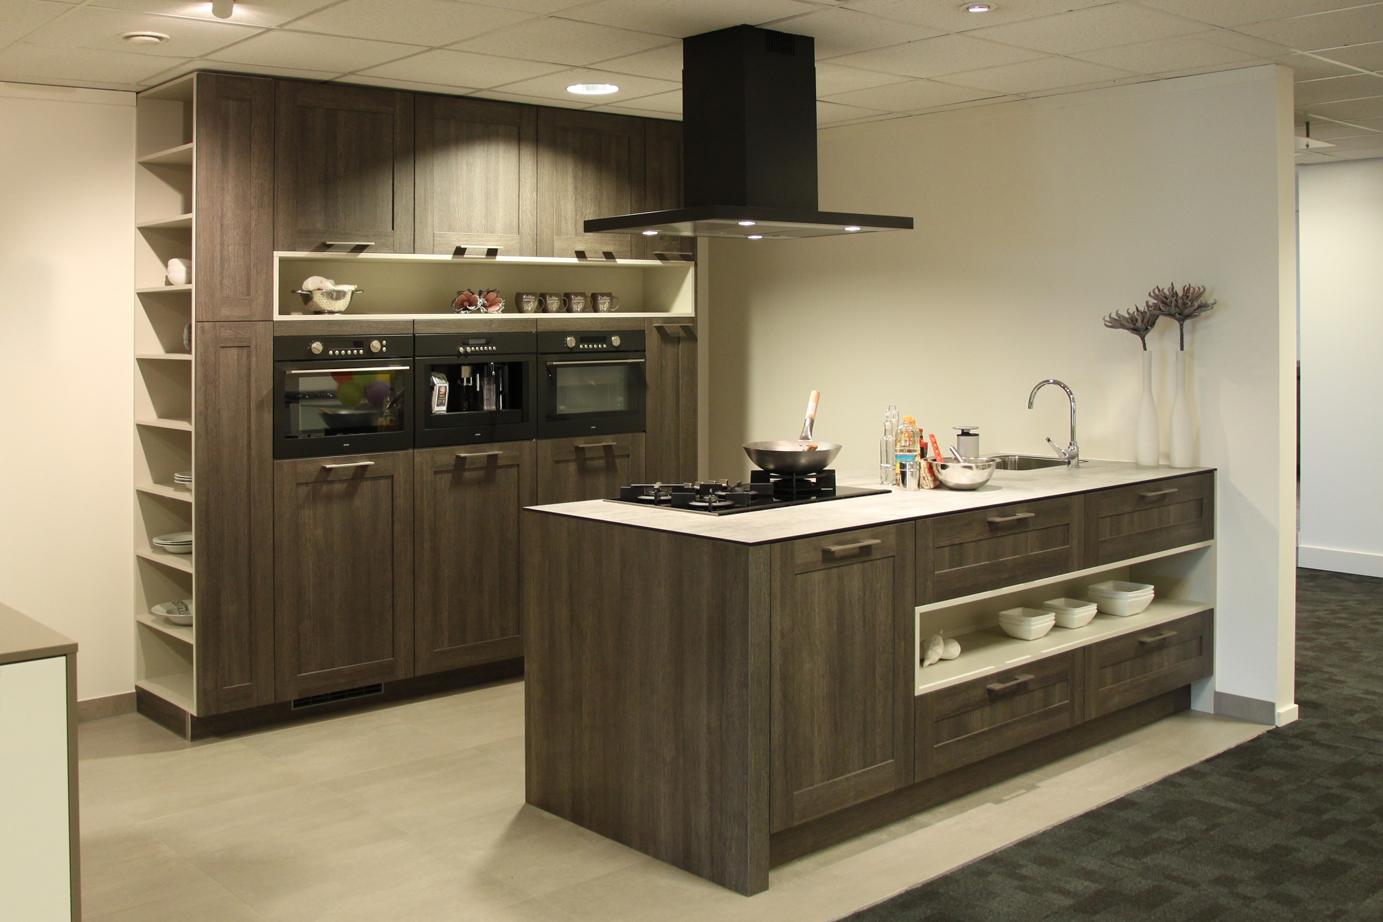 Keuken Met Gratis Montage : Keuken met kookeiland. Exclusieve Old Wood keuken. – DB Keukens